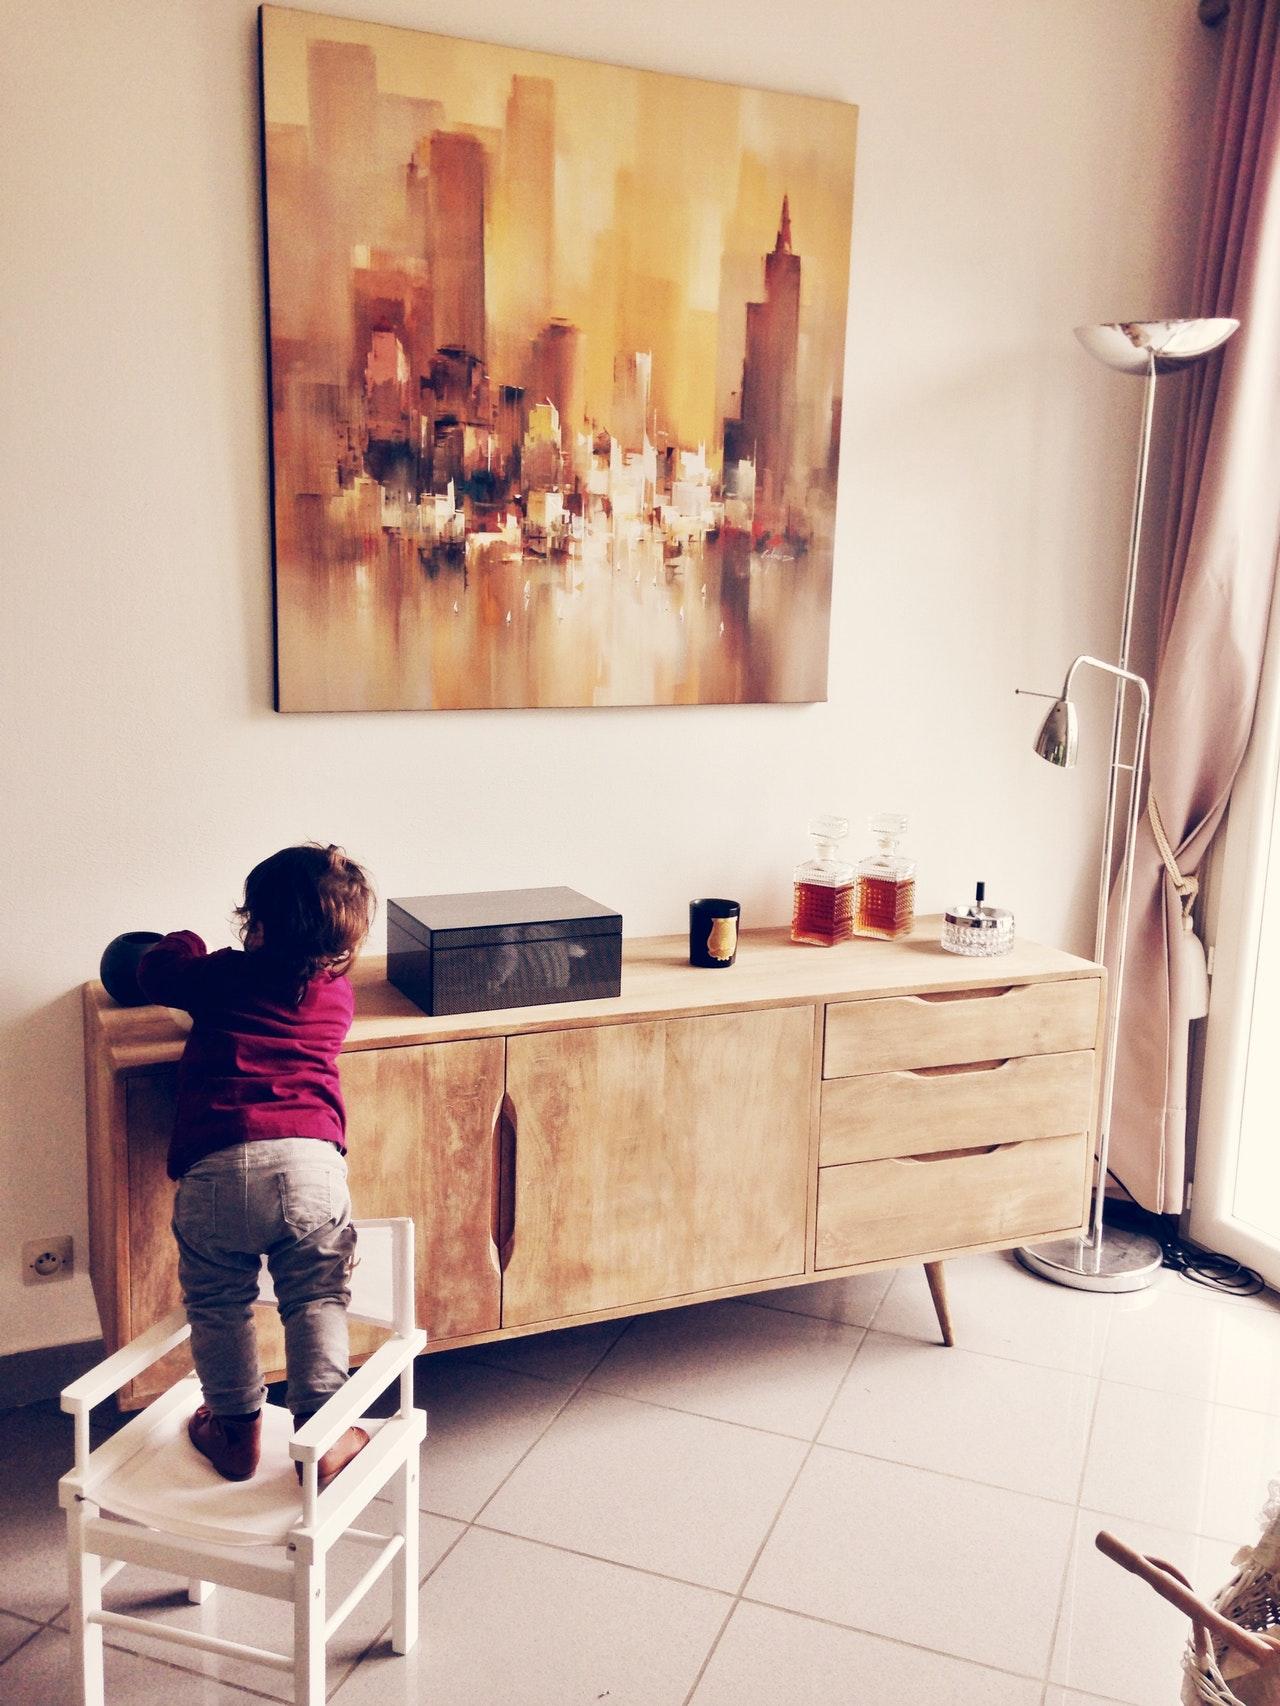 Elektrosmog belastet dein haus - glückliches kind in schöner wohnung